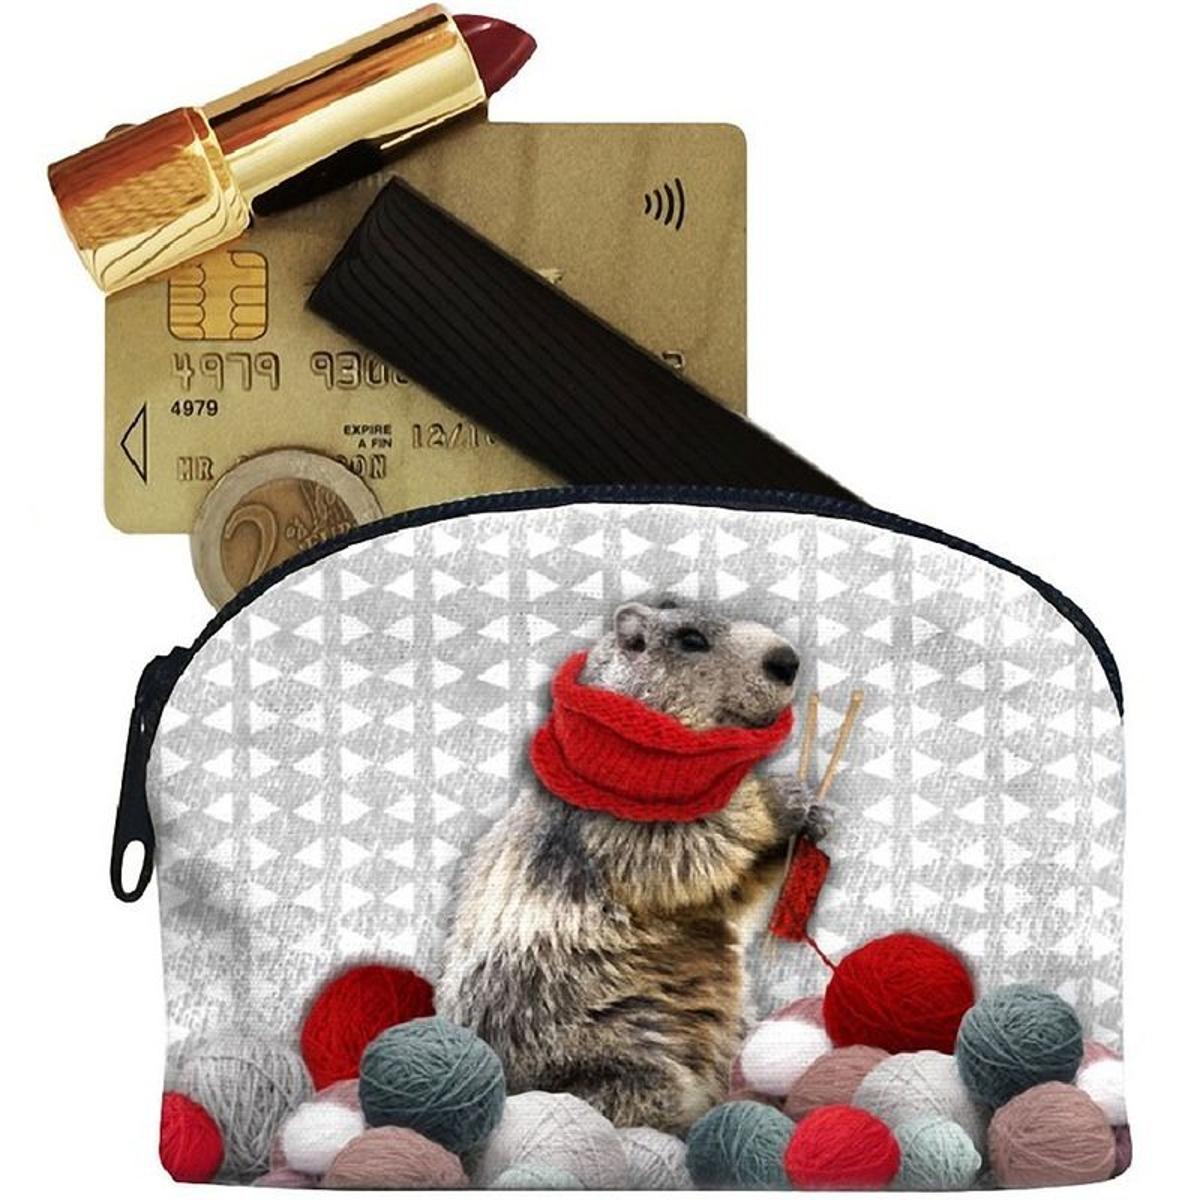 Petit porte-Monnaie Marmotte en toile Laissez lucie Faire